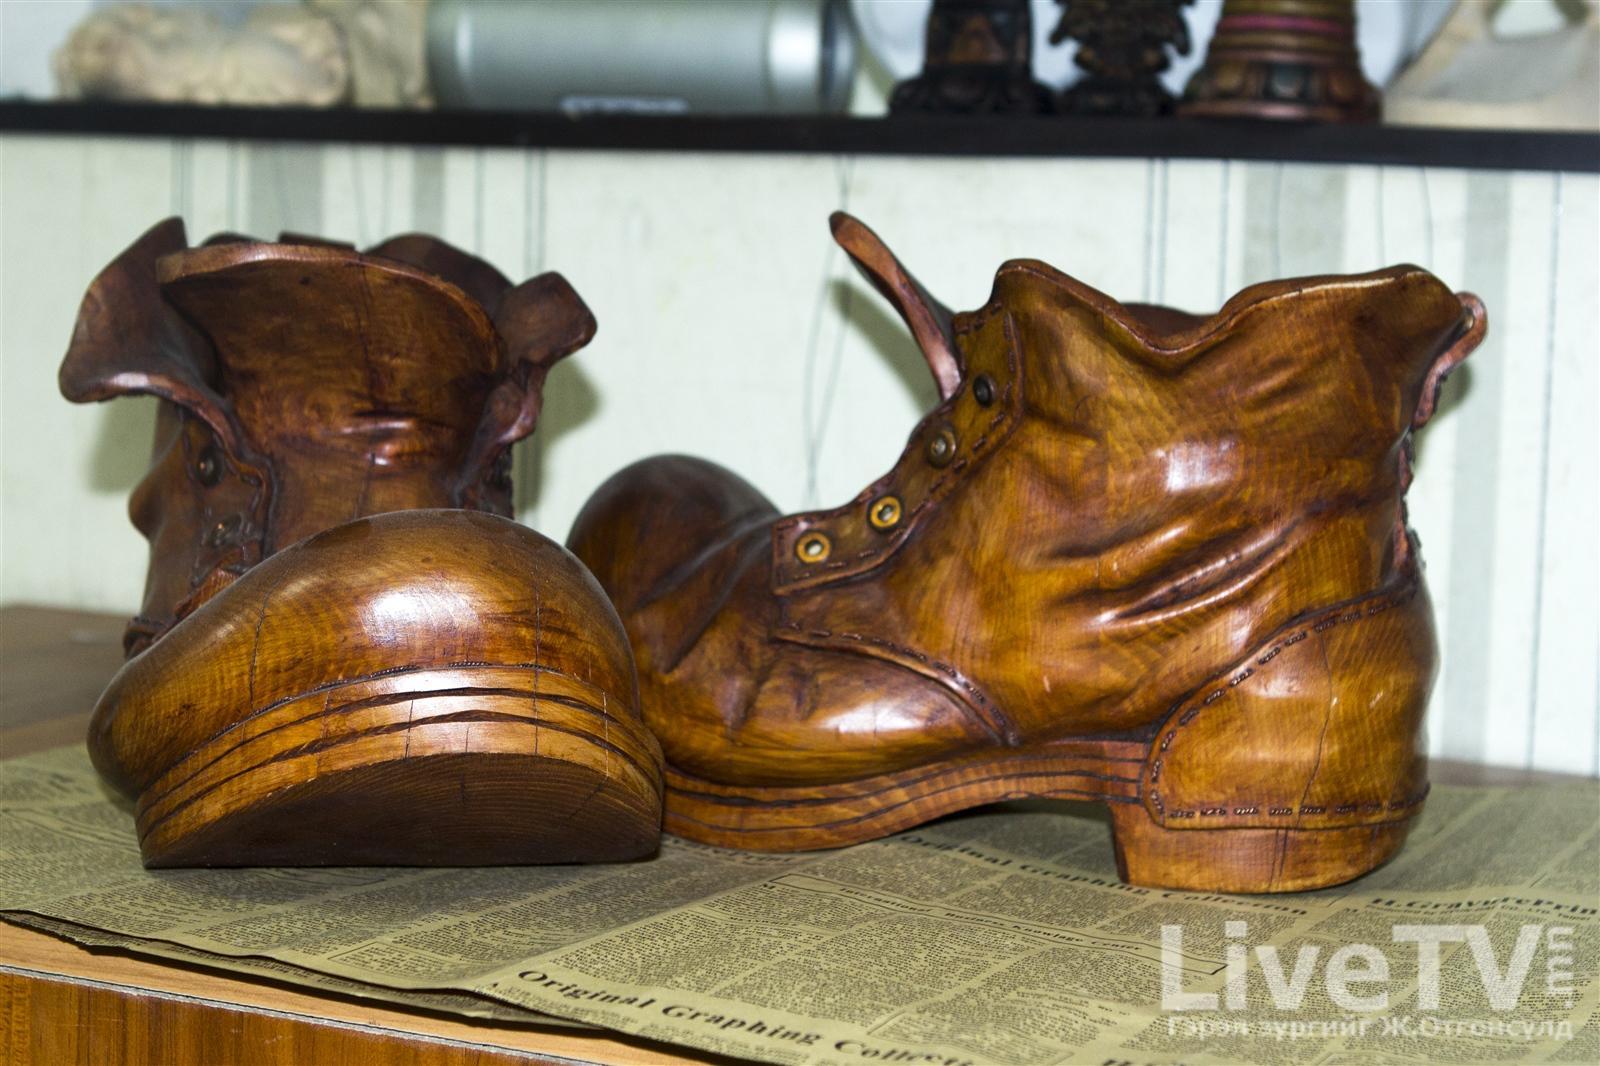 """""""Буруу гутал"""" манай хүүхдүүдийн өдөр бүр давтдаг үйлдлээс төрсөн бүтээл"""